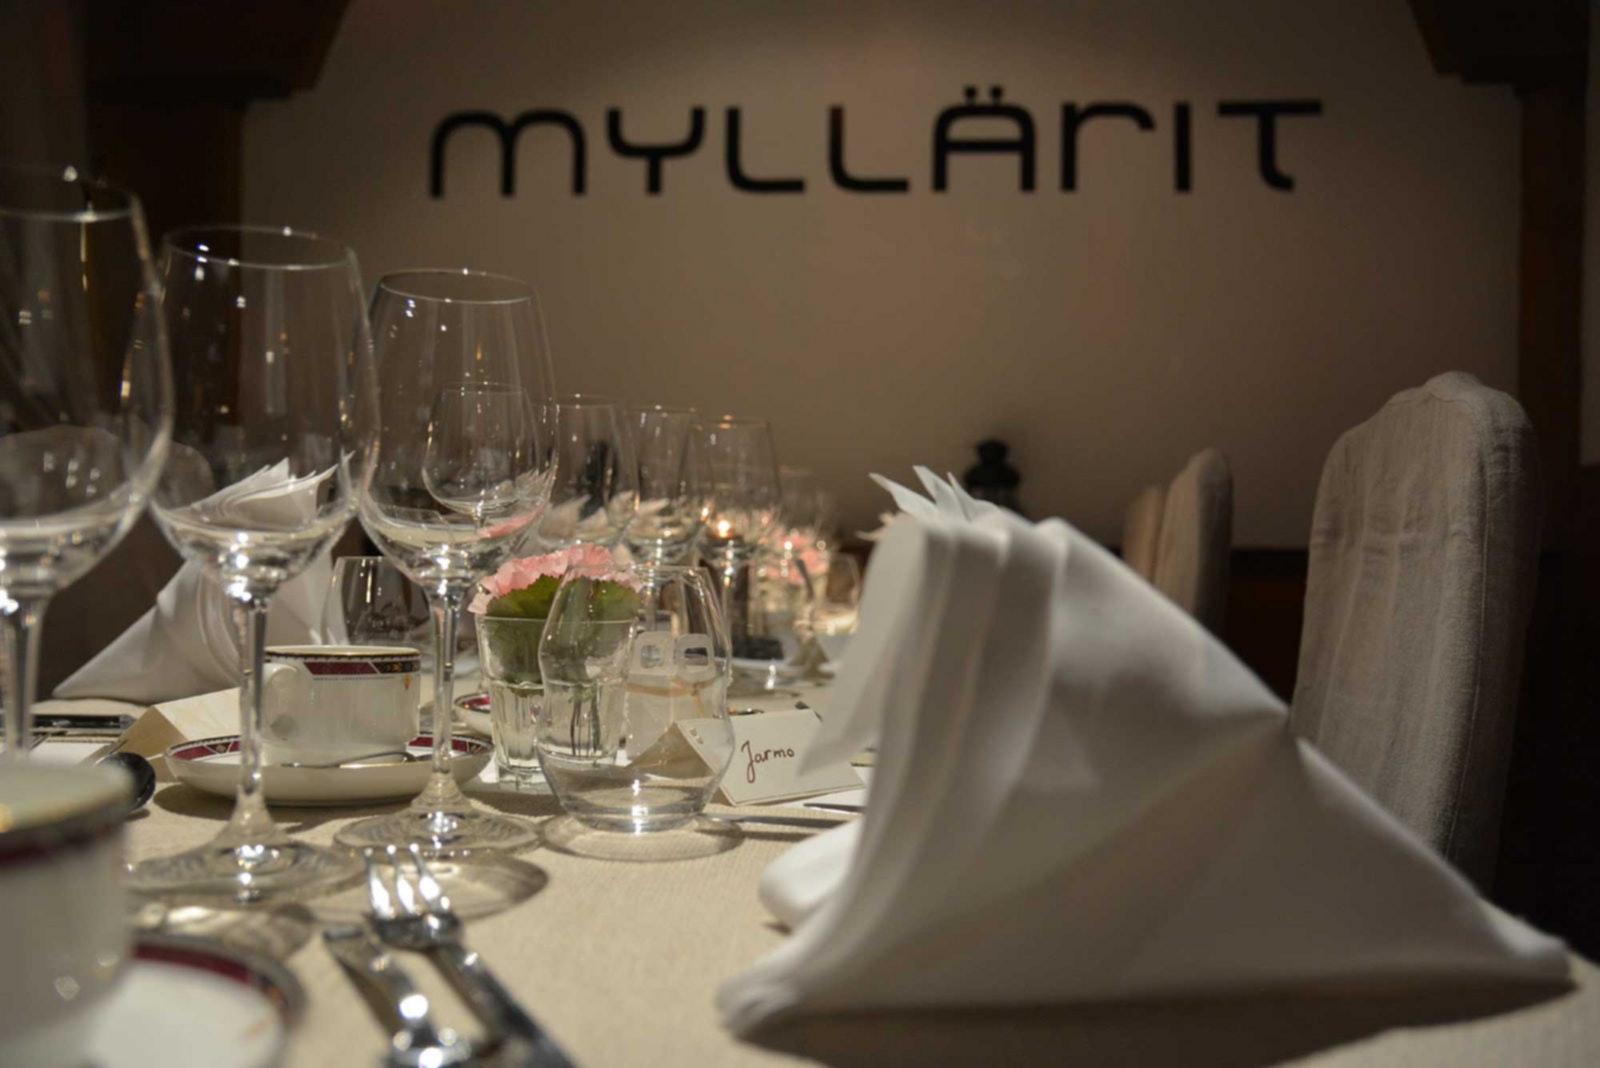 Ravintola Myllärit